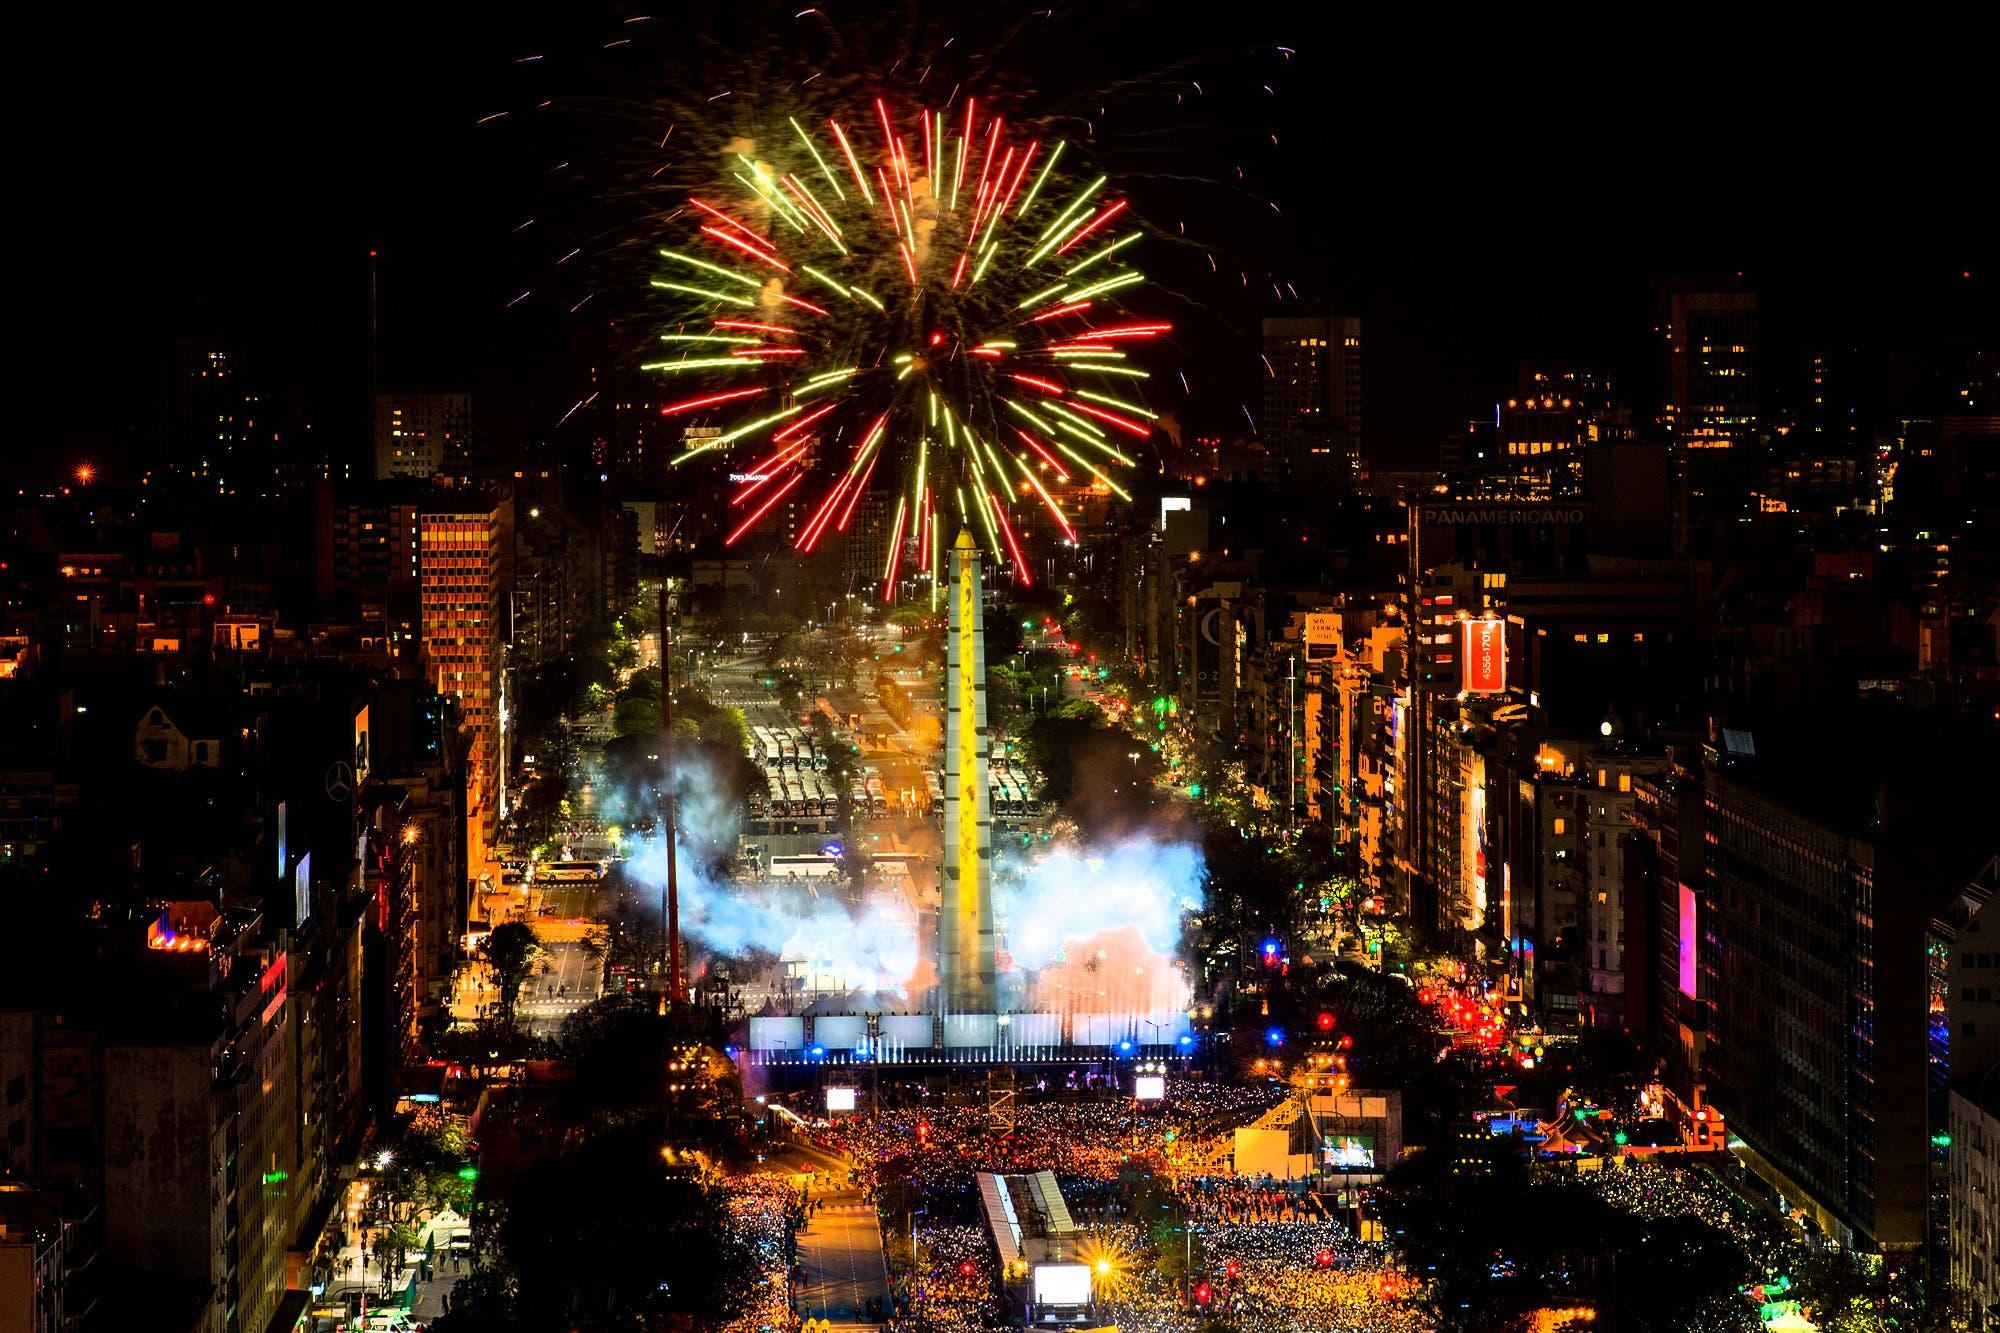 Juegos Olímpicos de la Juventud: las mejores fotos de la ceremonia inaugural en pleno centro porteño